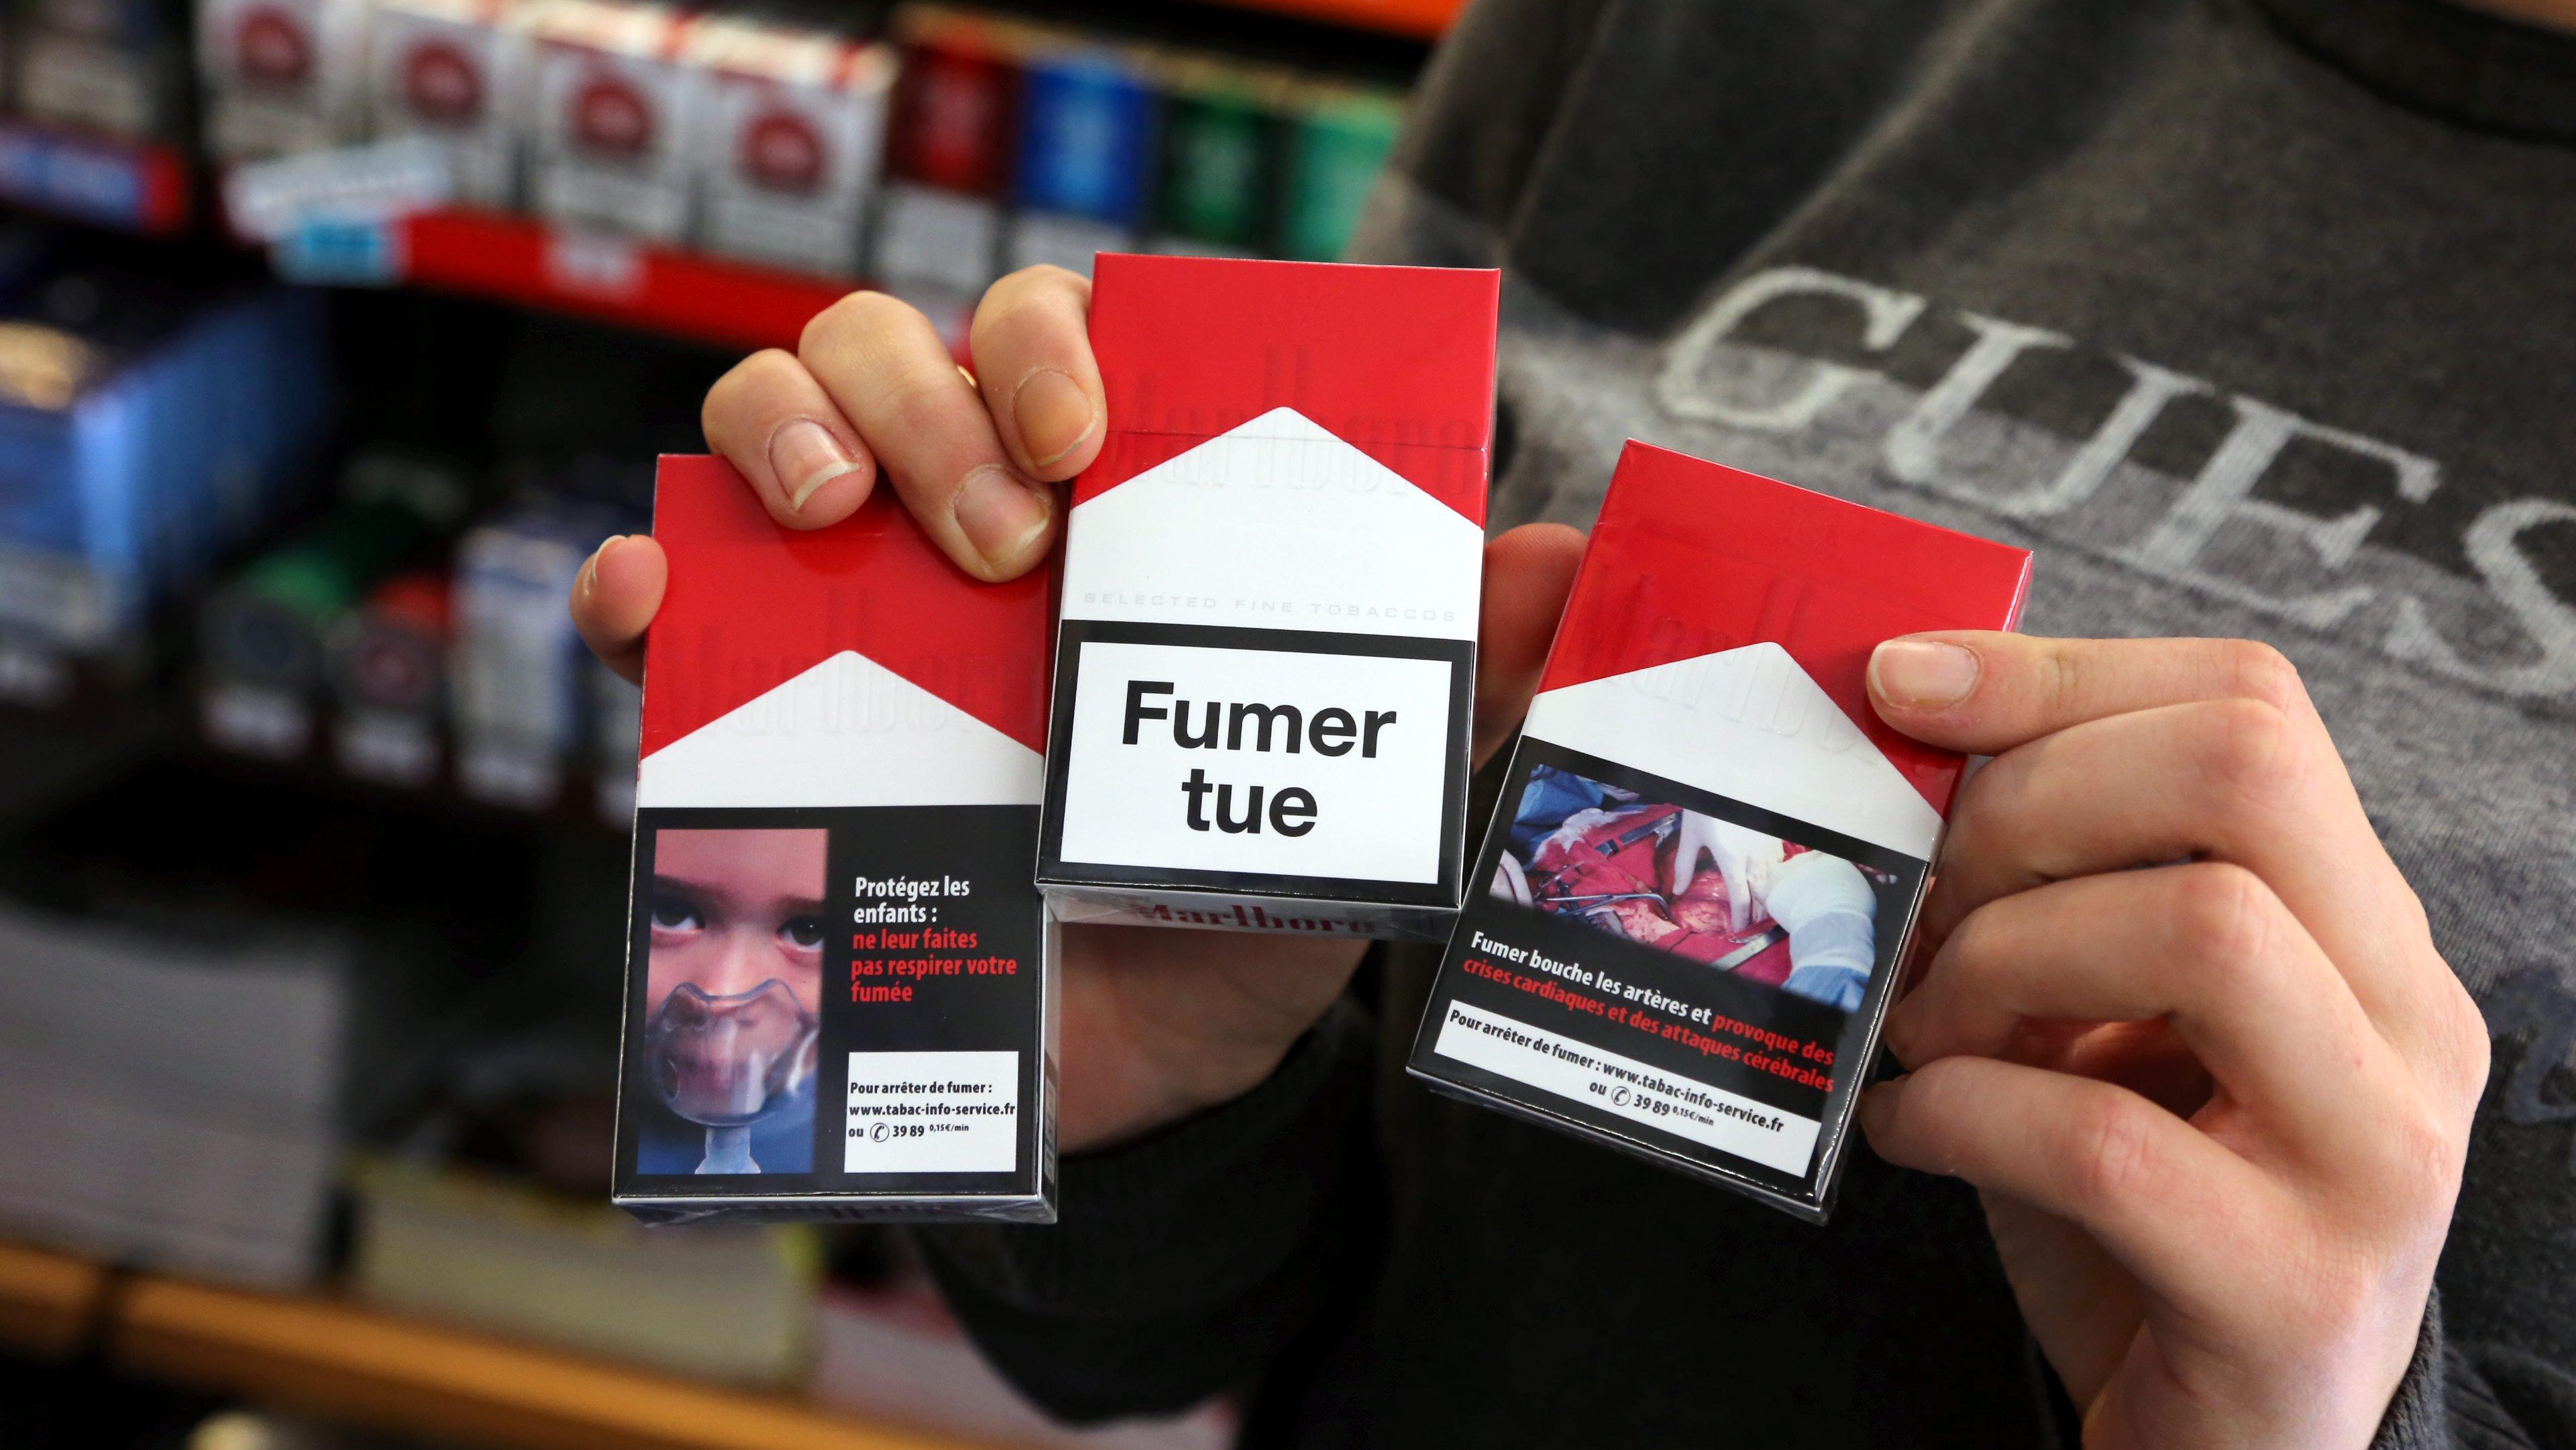 Le paquet de cigarette neutre : la réalité de l'emballage